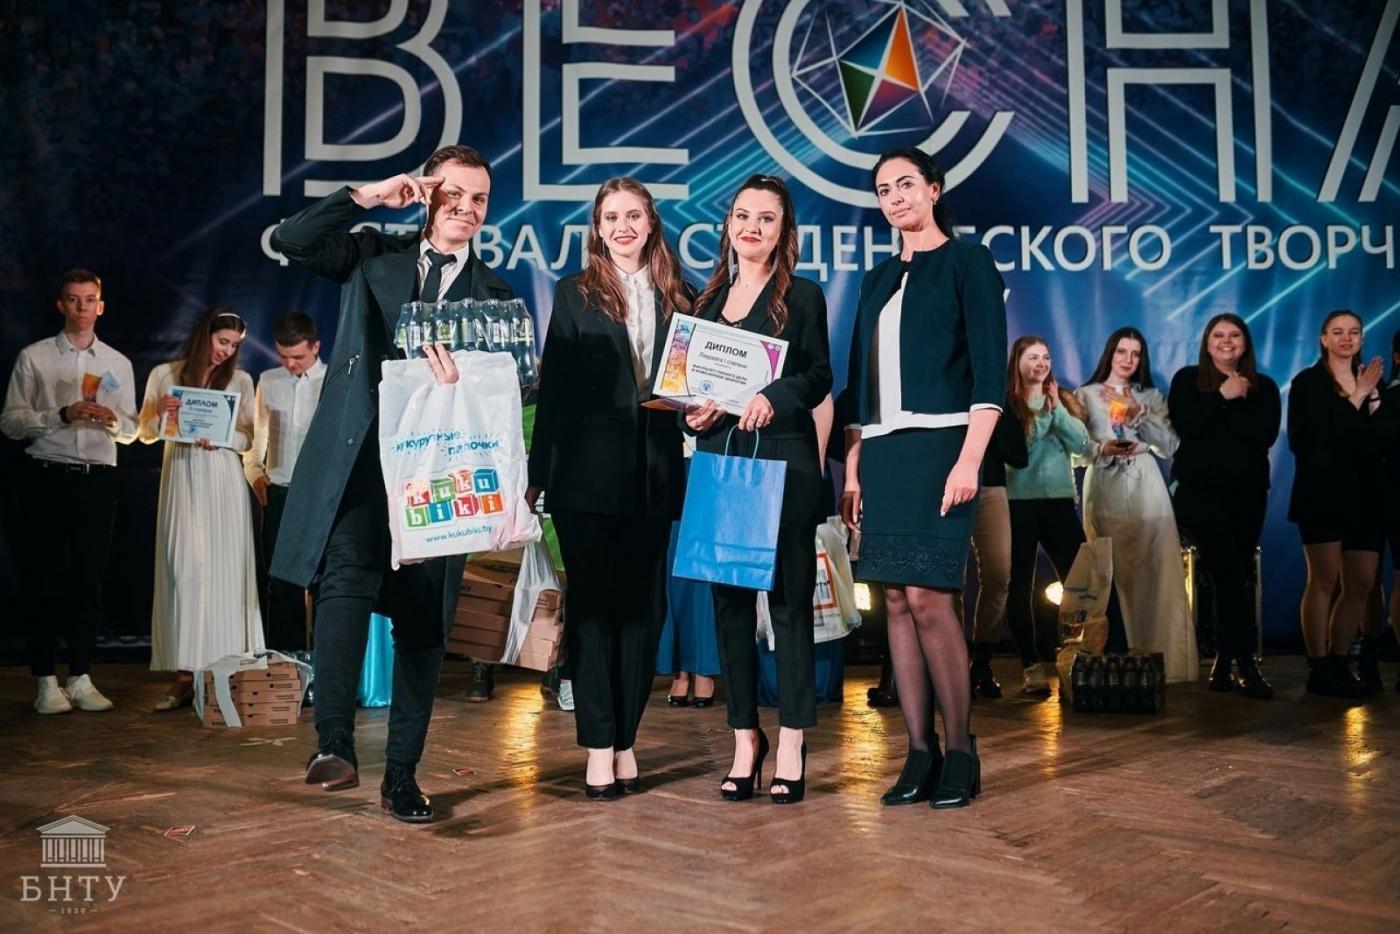 ФГДЭ на фестивале «Весна БНТУ – 2021»